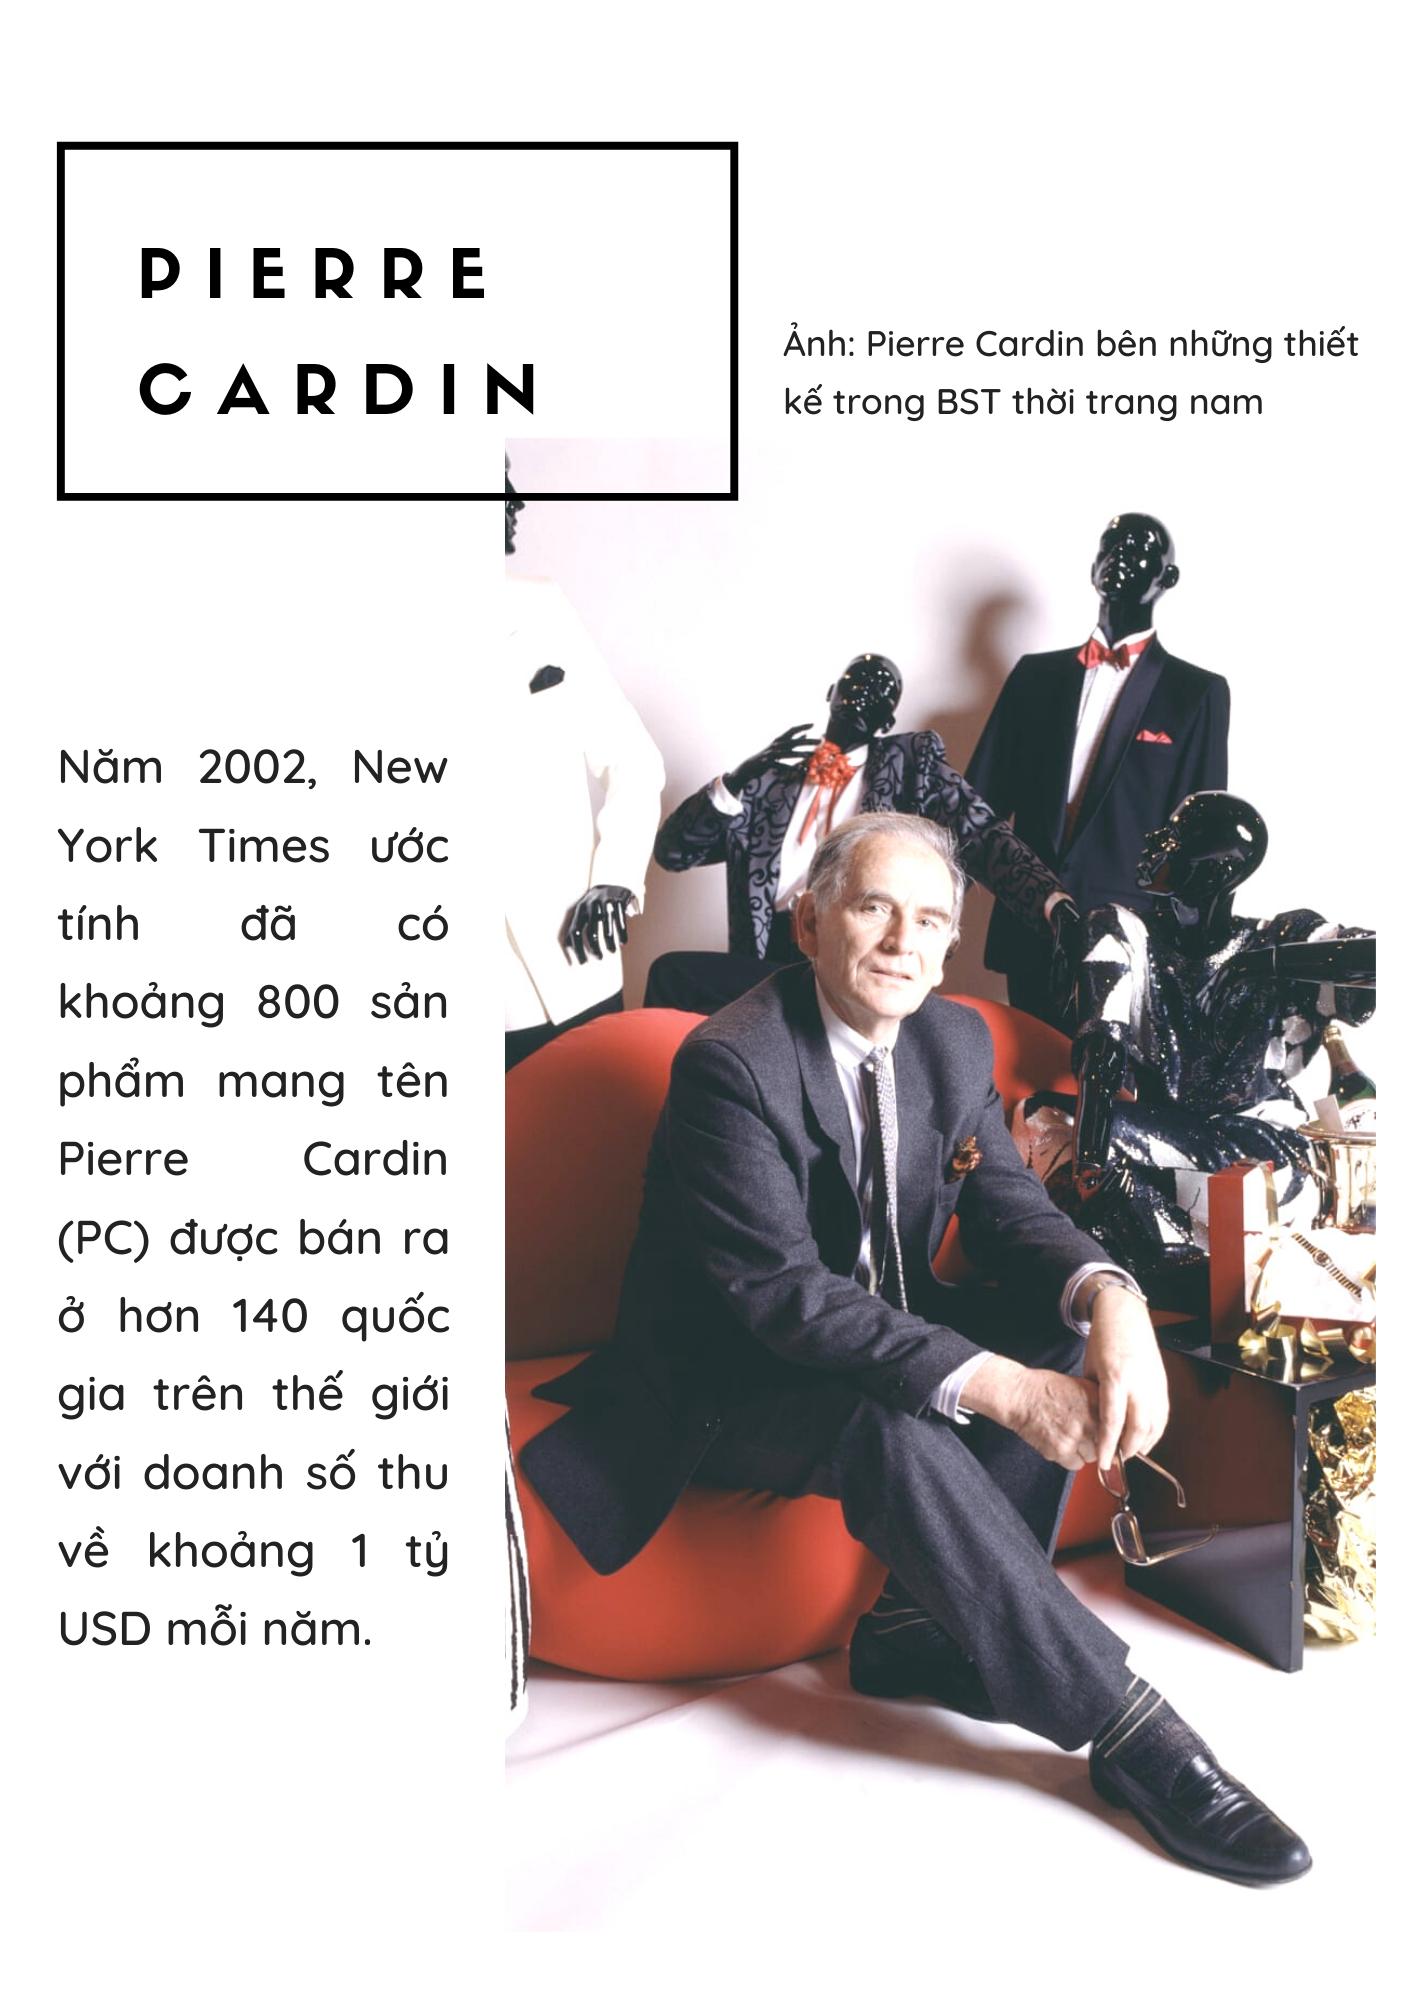 Huyền thoại Pierre Cardin: câu chuyện thương hiệu cá nhân và khối tài sản 800 triệu USD cuối đời - Ảnh 5.